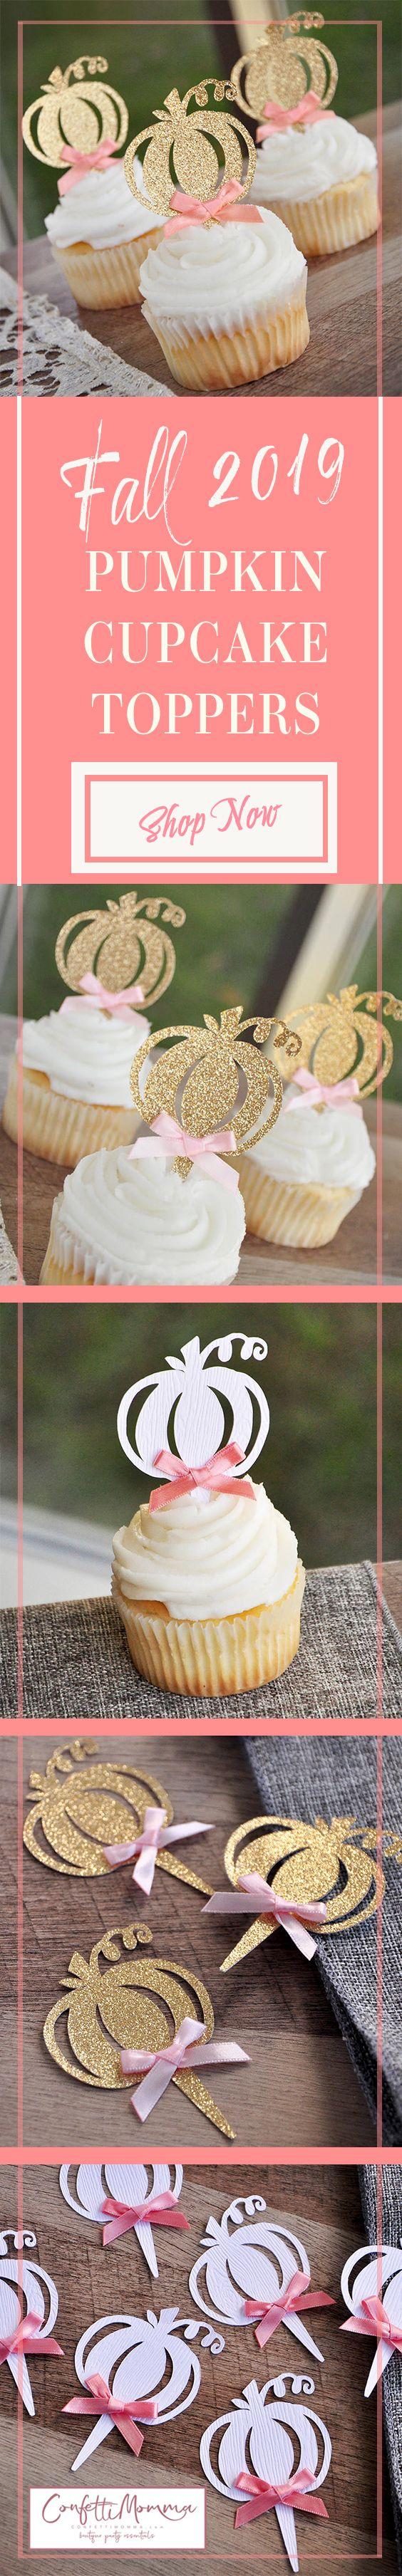 Food Picks Pumpkin Party Decor Pumpkin Themed Party Decor Pumpkin Cupcake Toppers Cupcake Toppers Little Pumpkin Themed Cupcake Topper